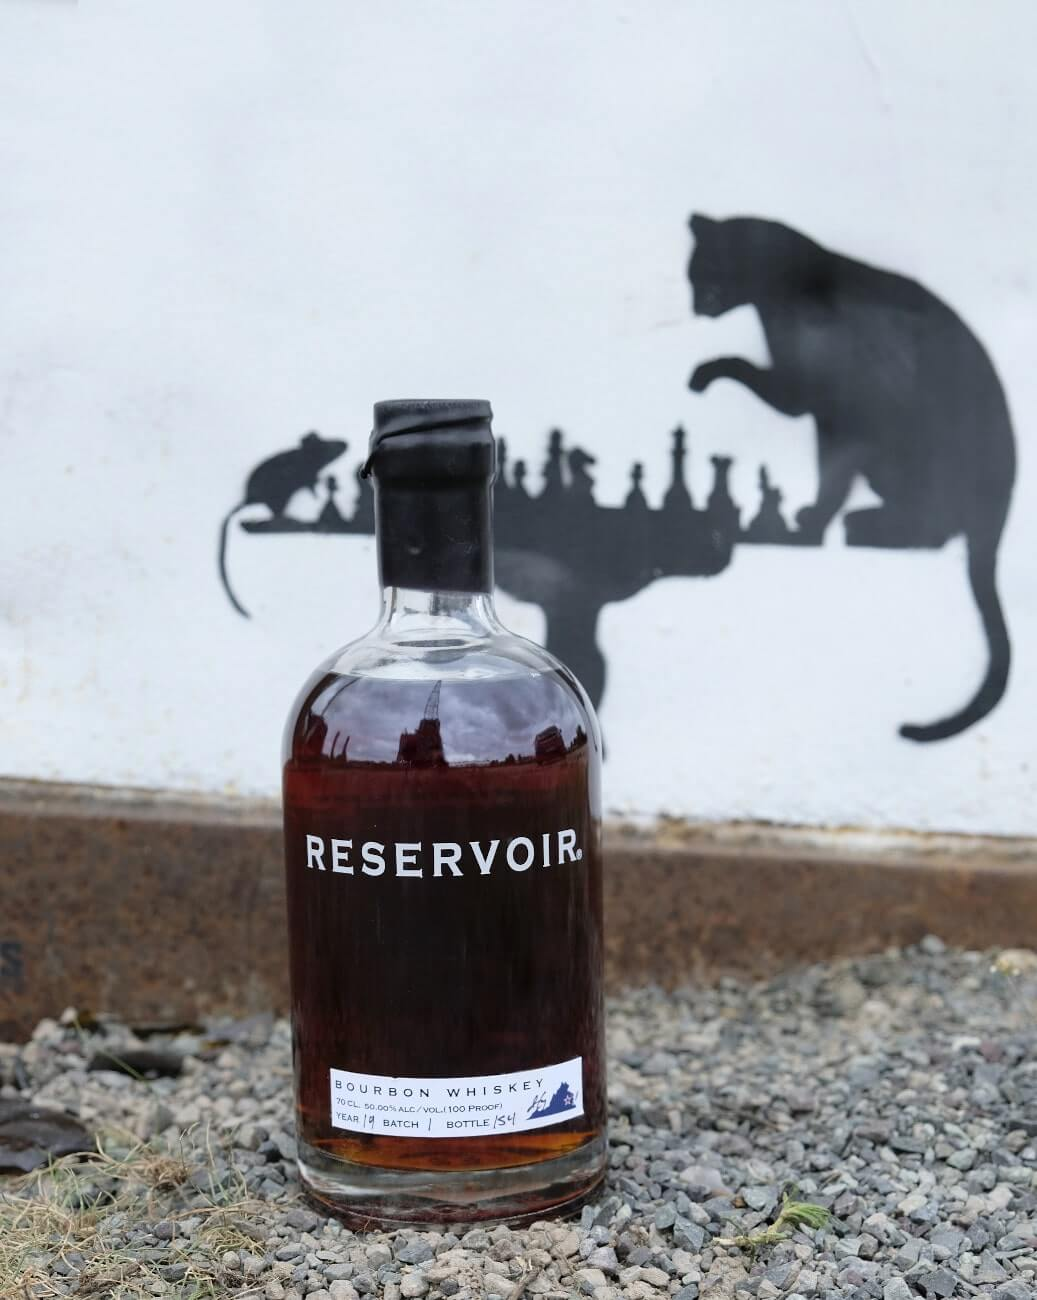 Reservor Bourbon amerikanischer Whisky von einem Graffiti mit Schachbrett, einer Maus und Katze